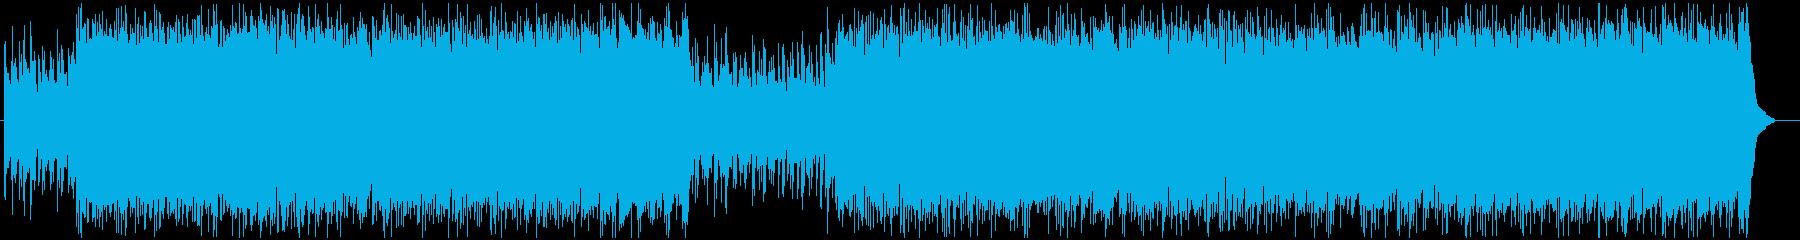 バグパイプ・マウンテンダルシマーの再生済みの波形